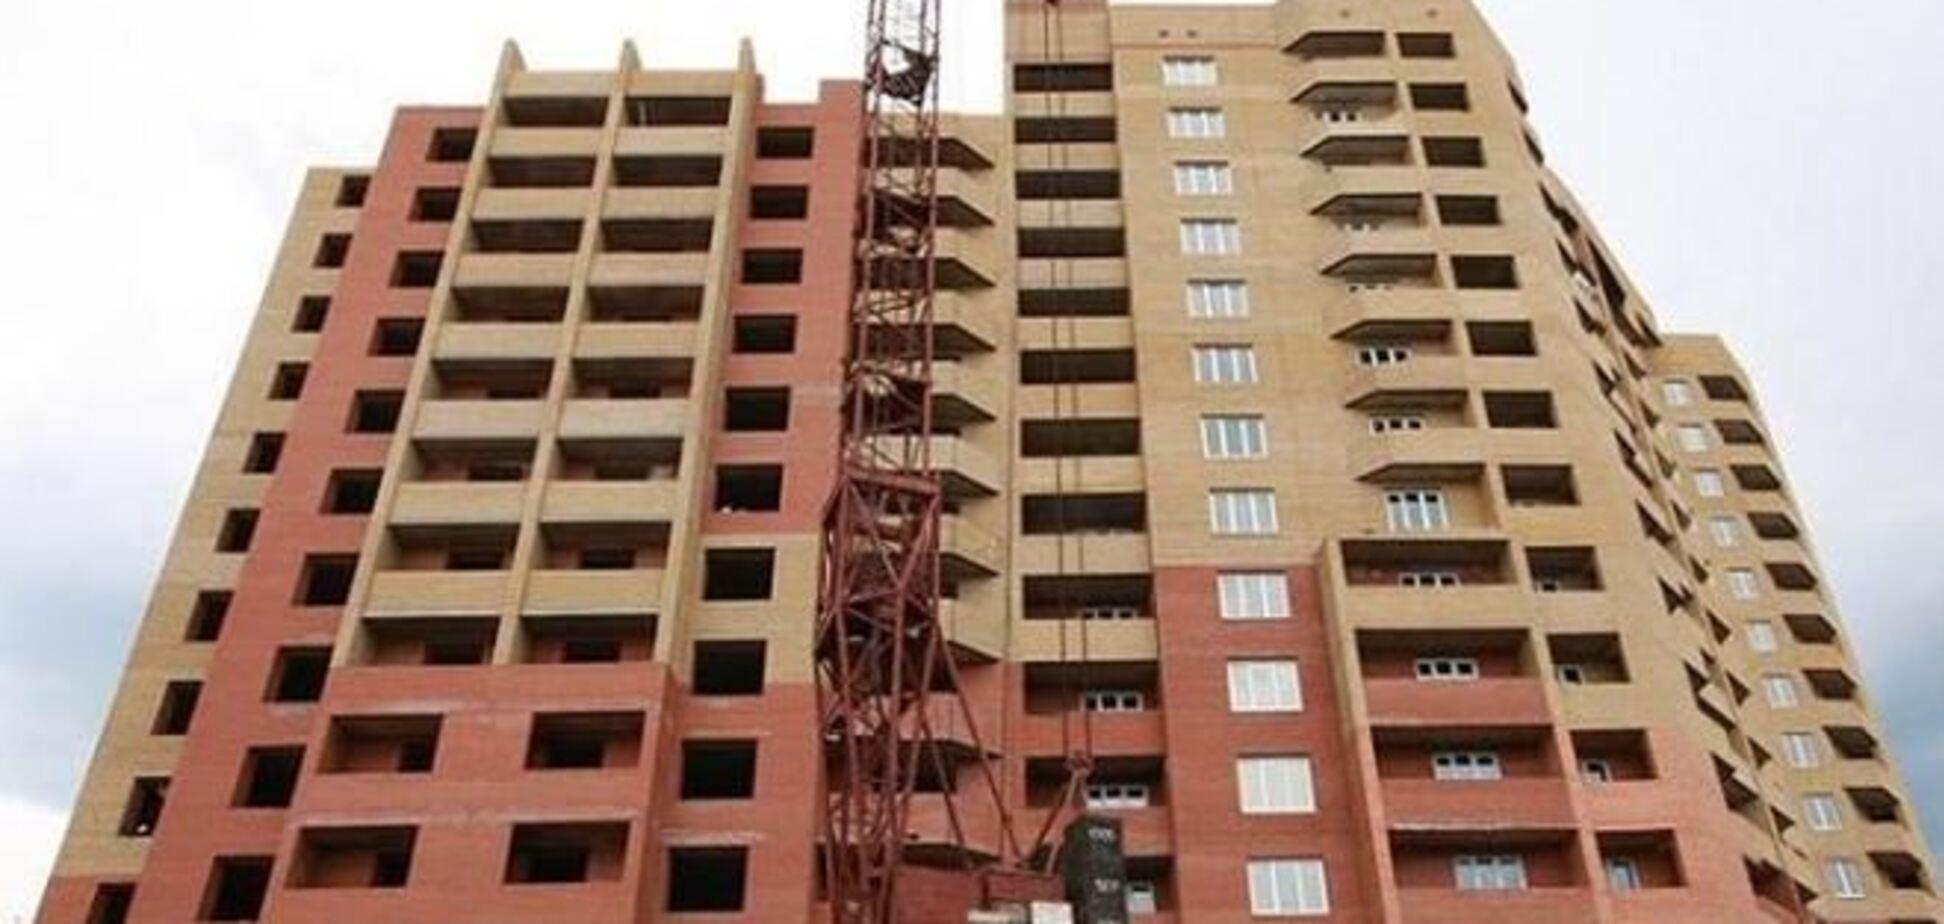 За 5 лет объемы строительства жилья в Киеве выросли вдвое